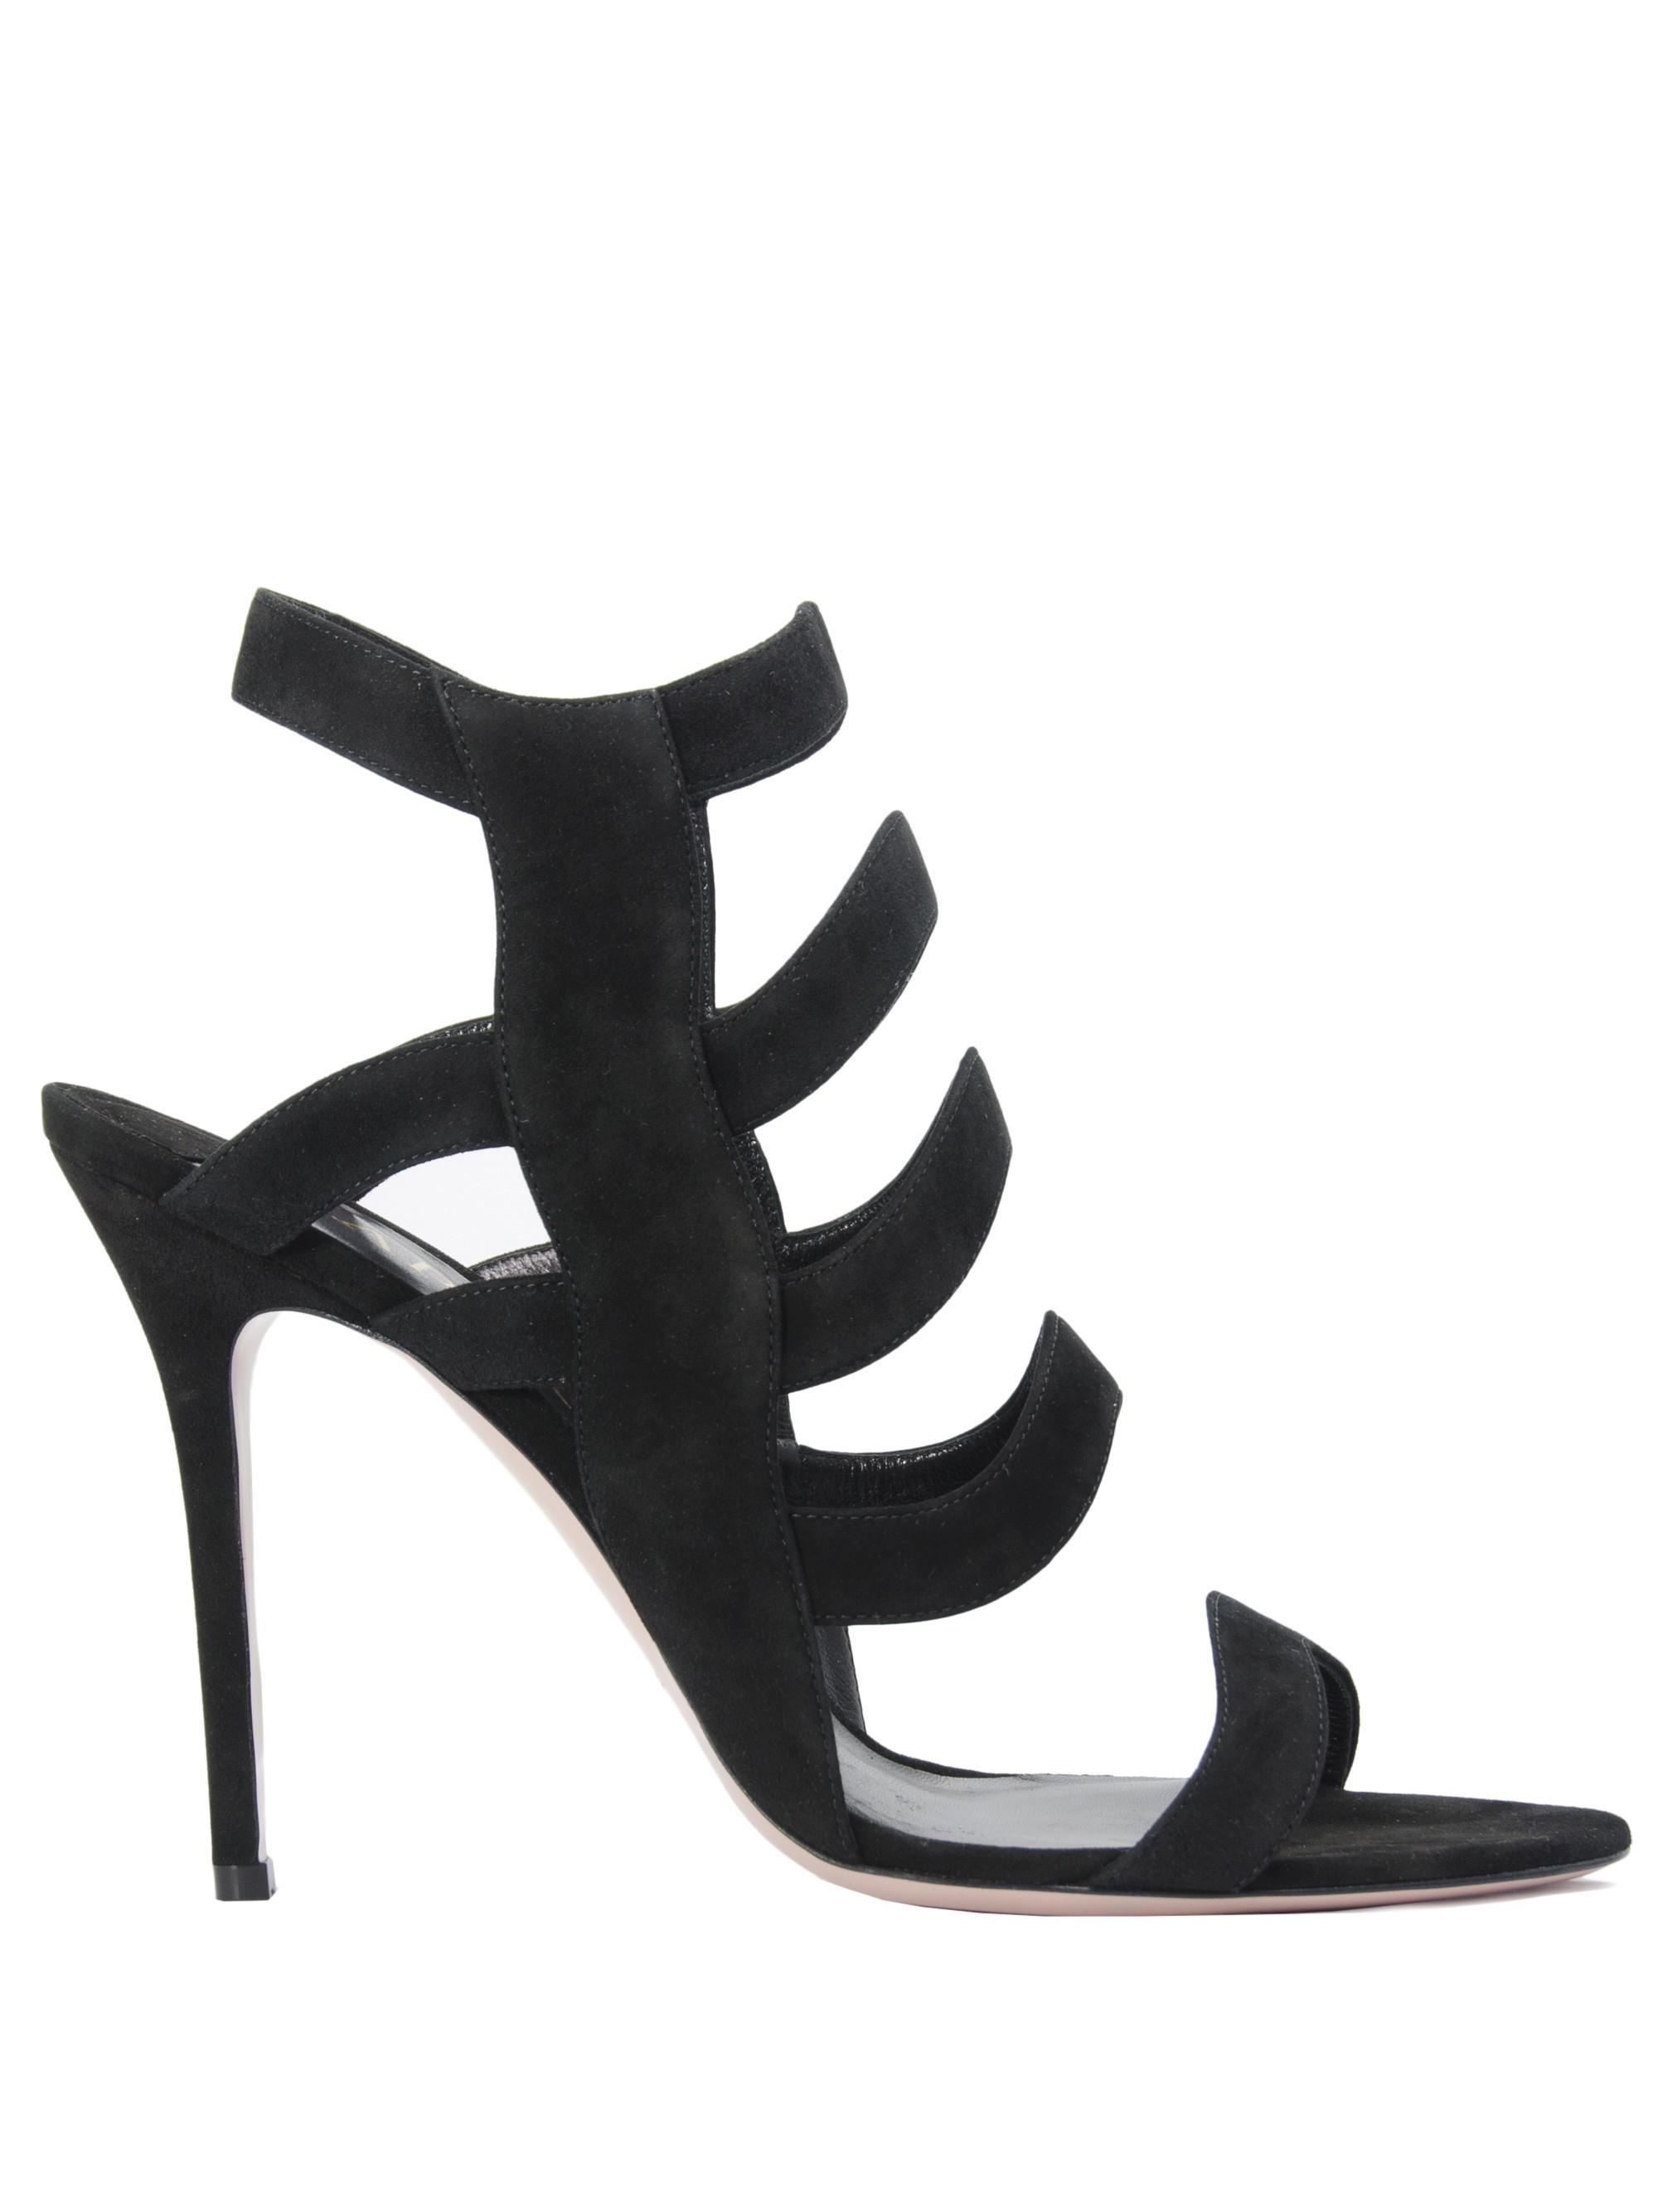 Aperlai Cutout Slingback Sandals sale shop for dTdGTn